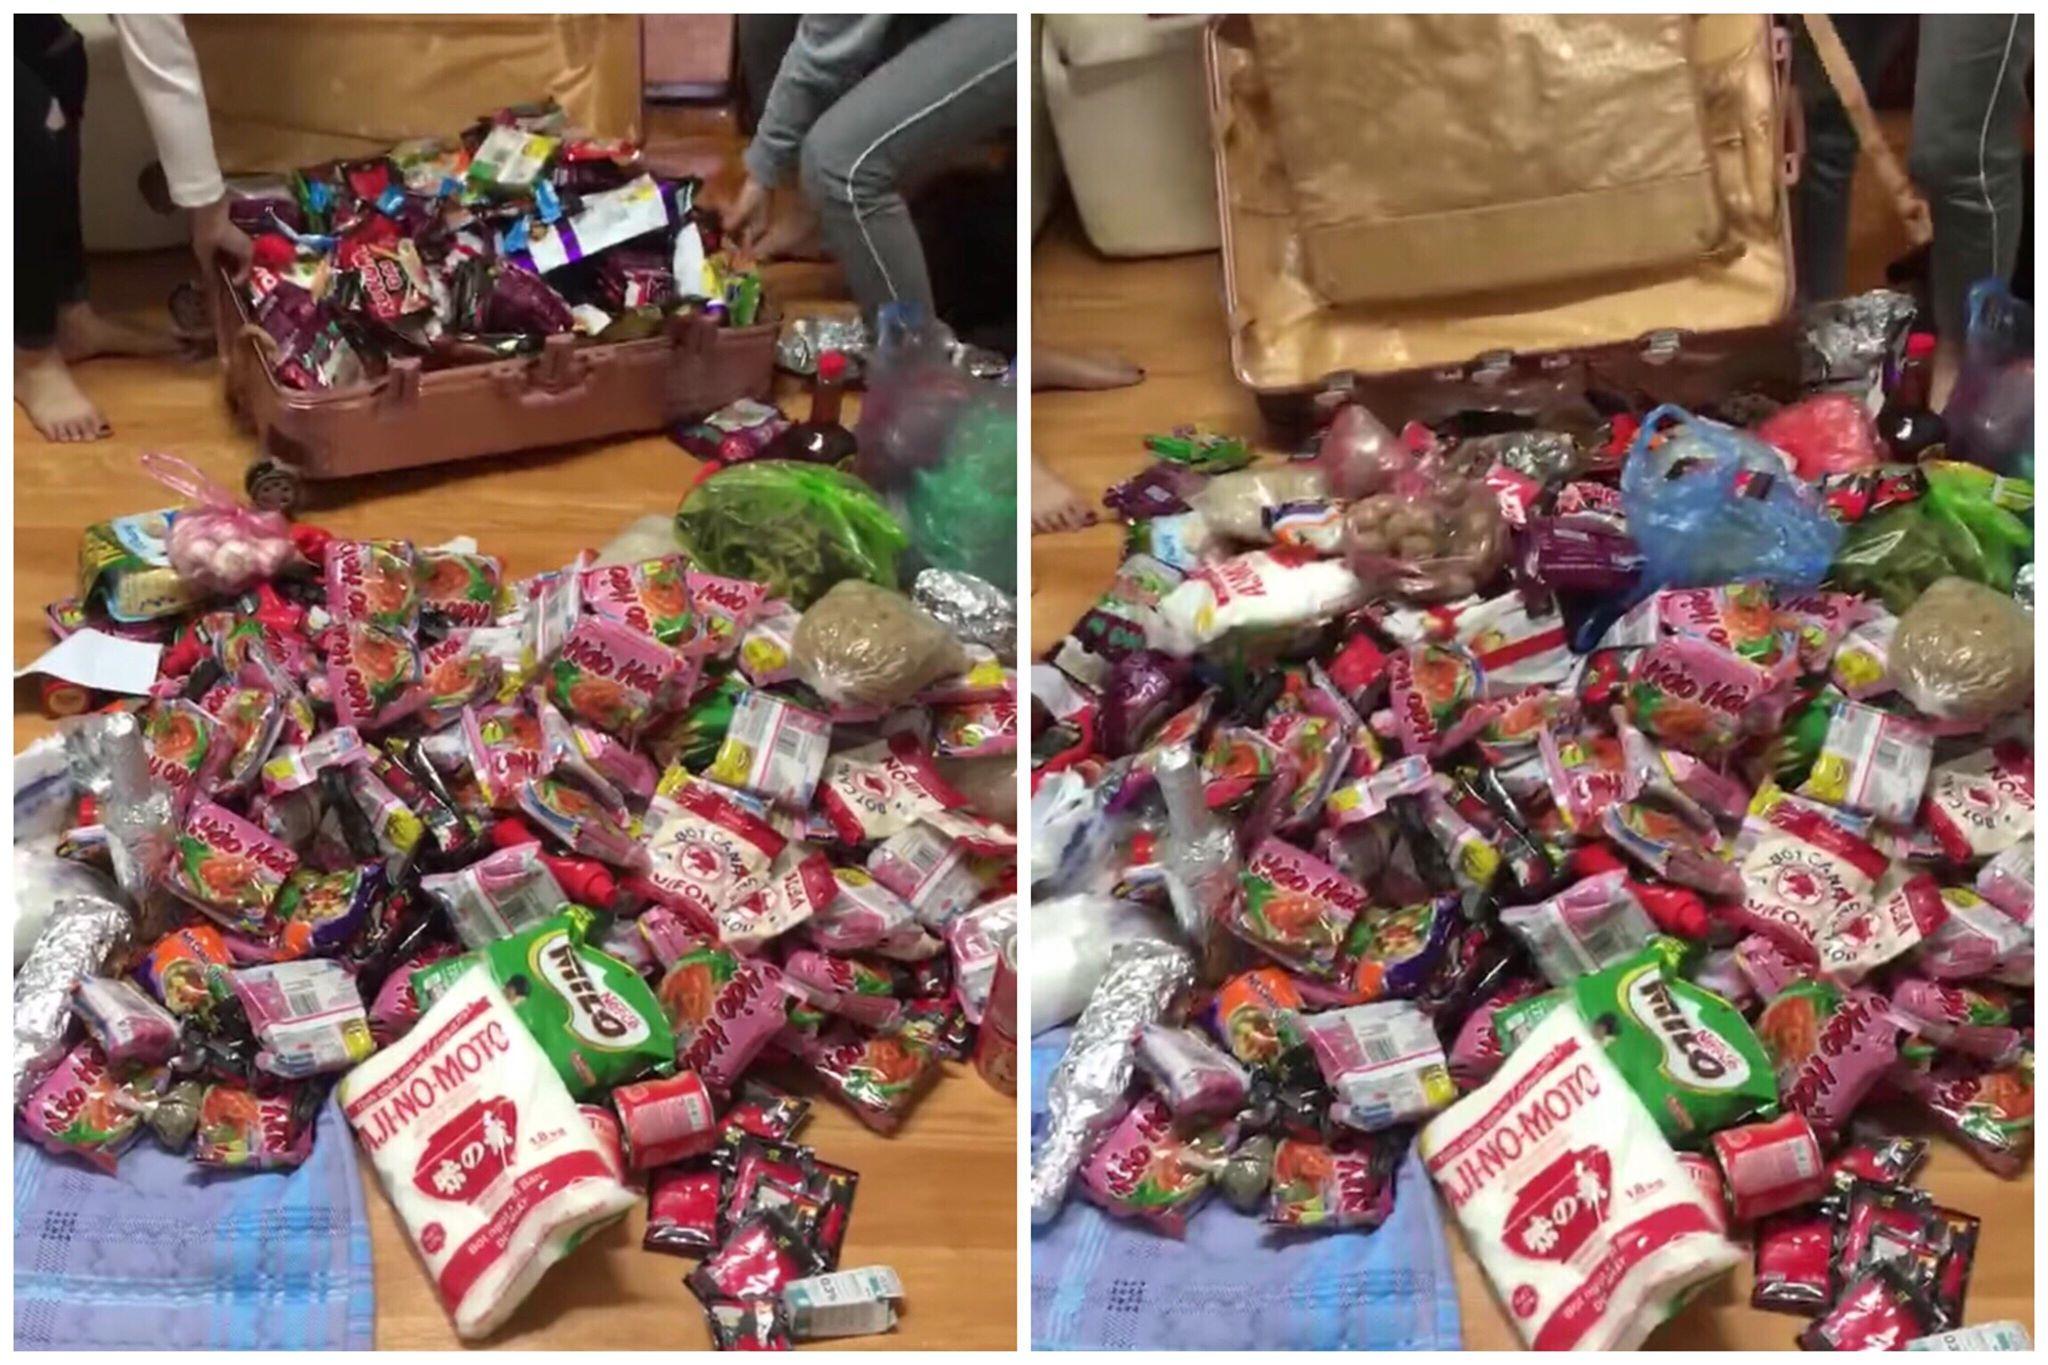 Du học sinh đua nhau khoe những chiếc vali chất đầy mỳ tôm, tương ớt... khi trở lại nước ngoài học tập